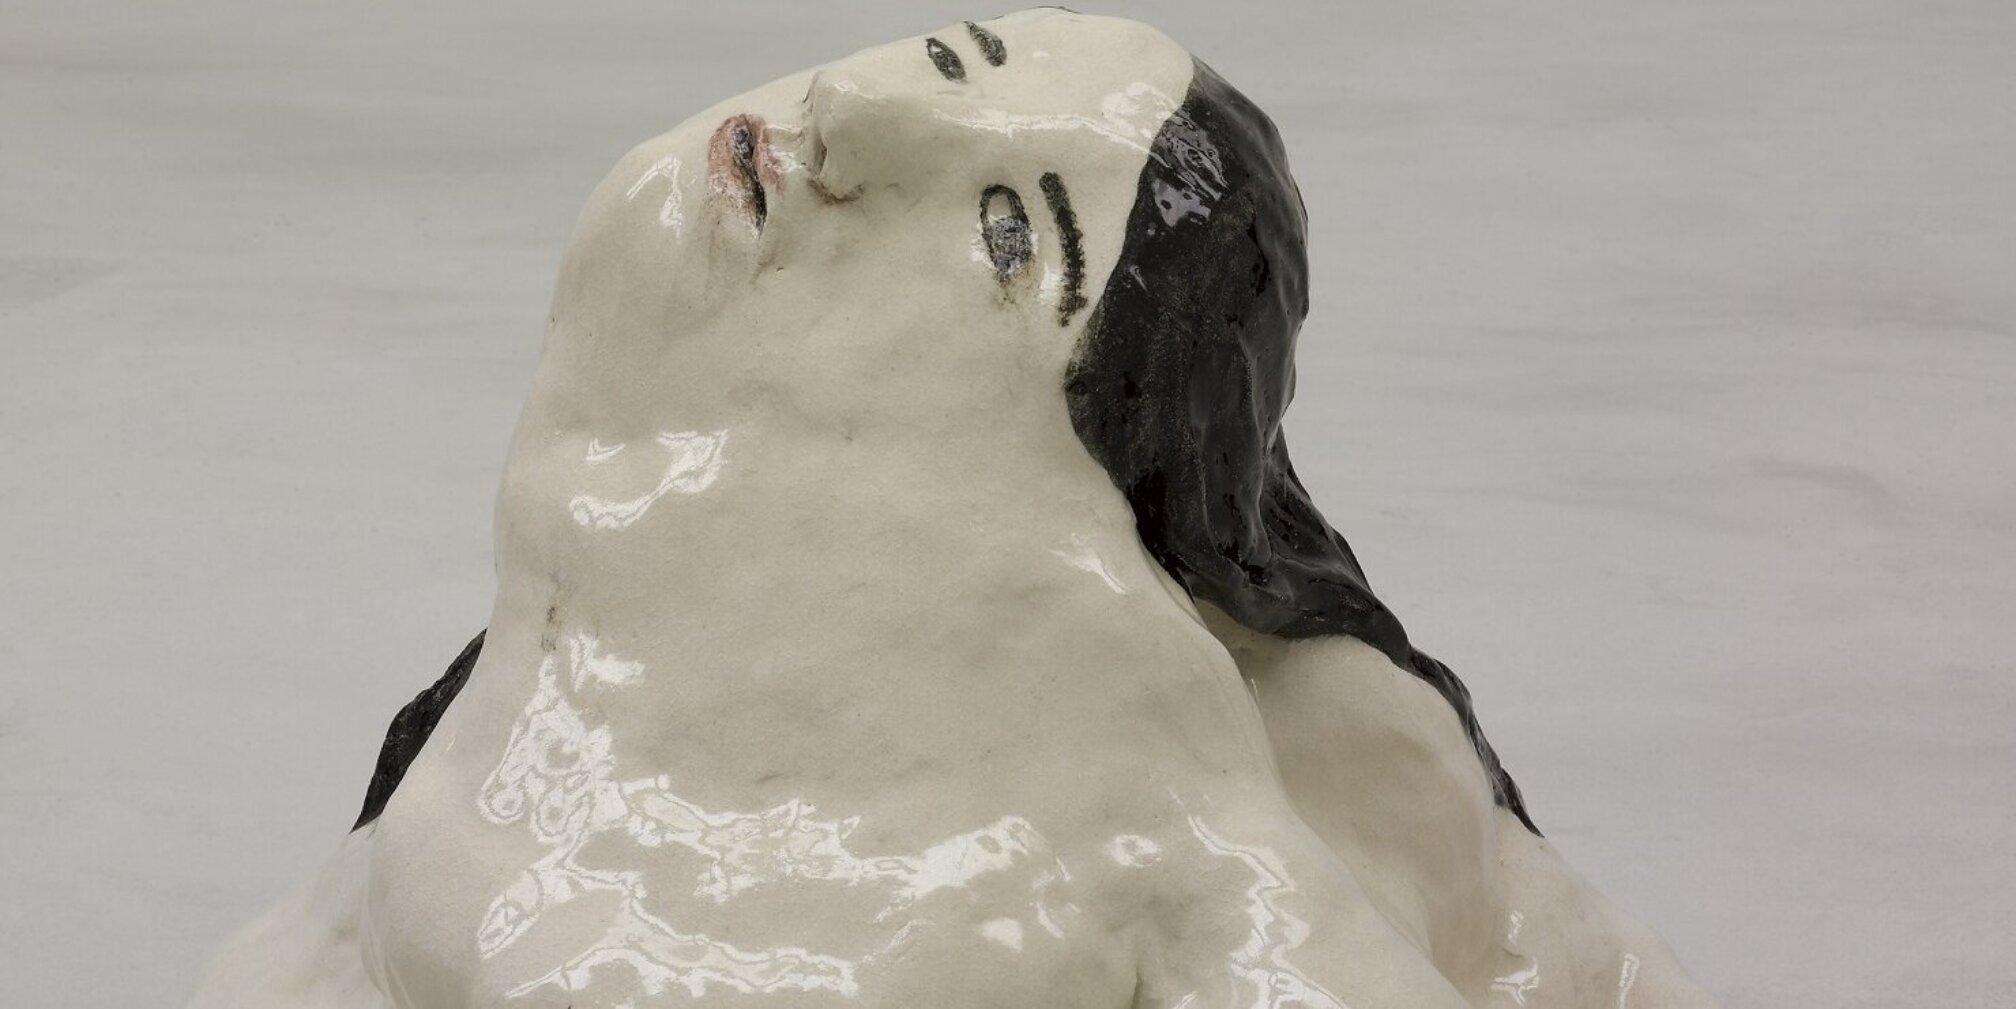 Klara Kristalova, Dissolving, 2007